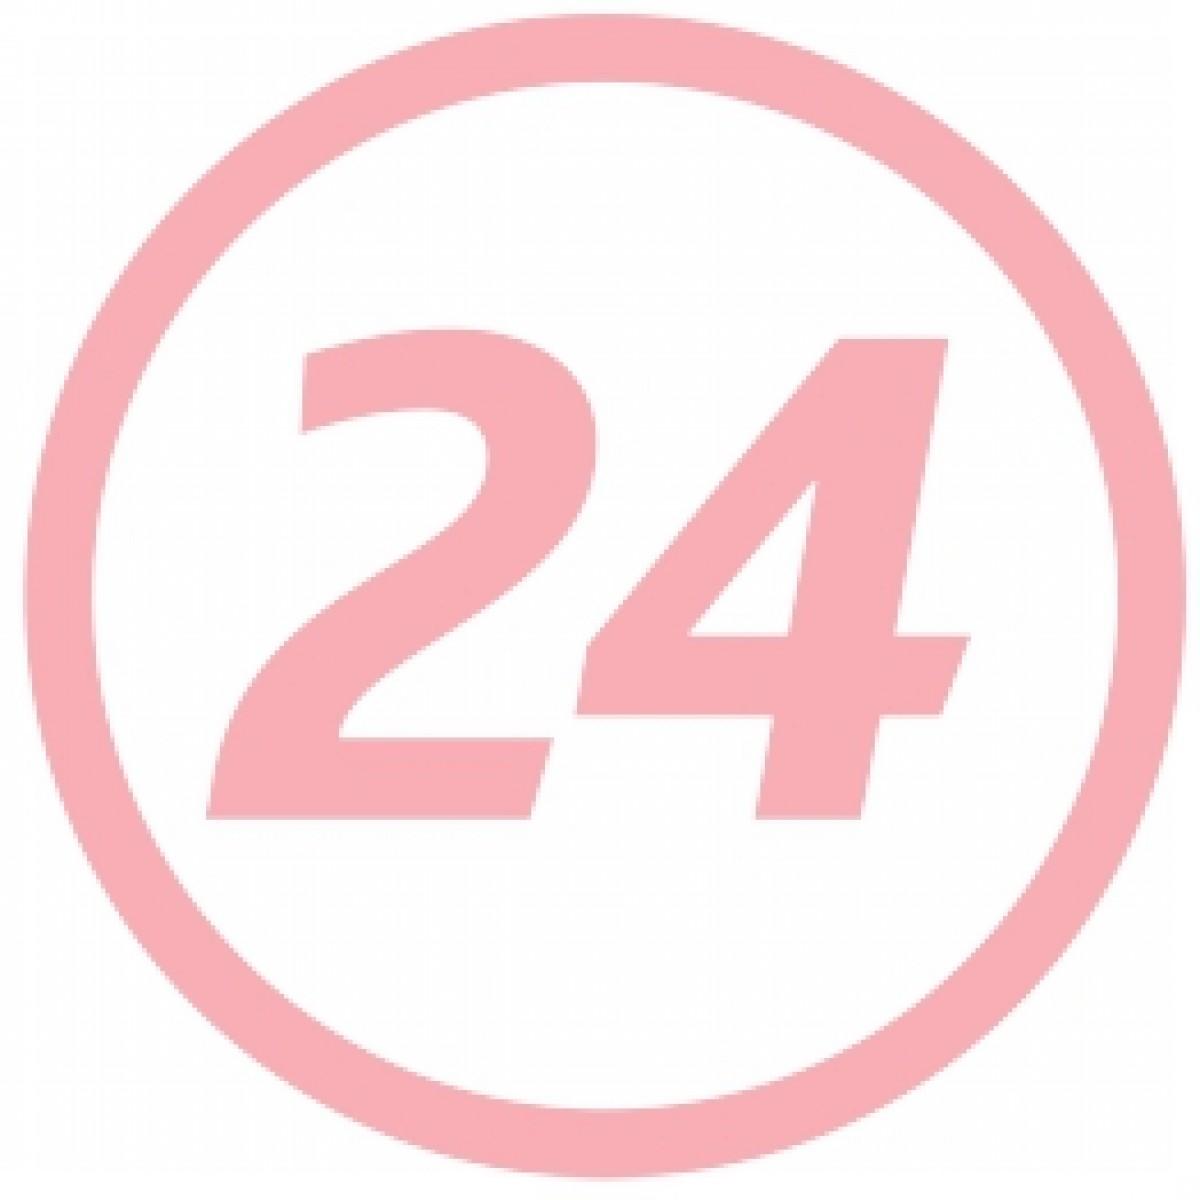 Calciu Magneziu Zinc Comprimate, Comprimate, 30buc